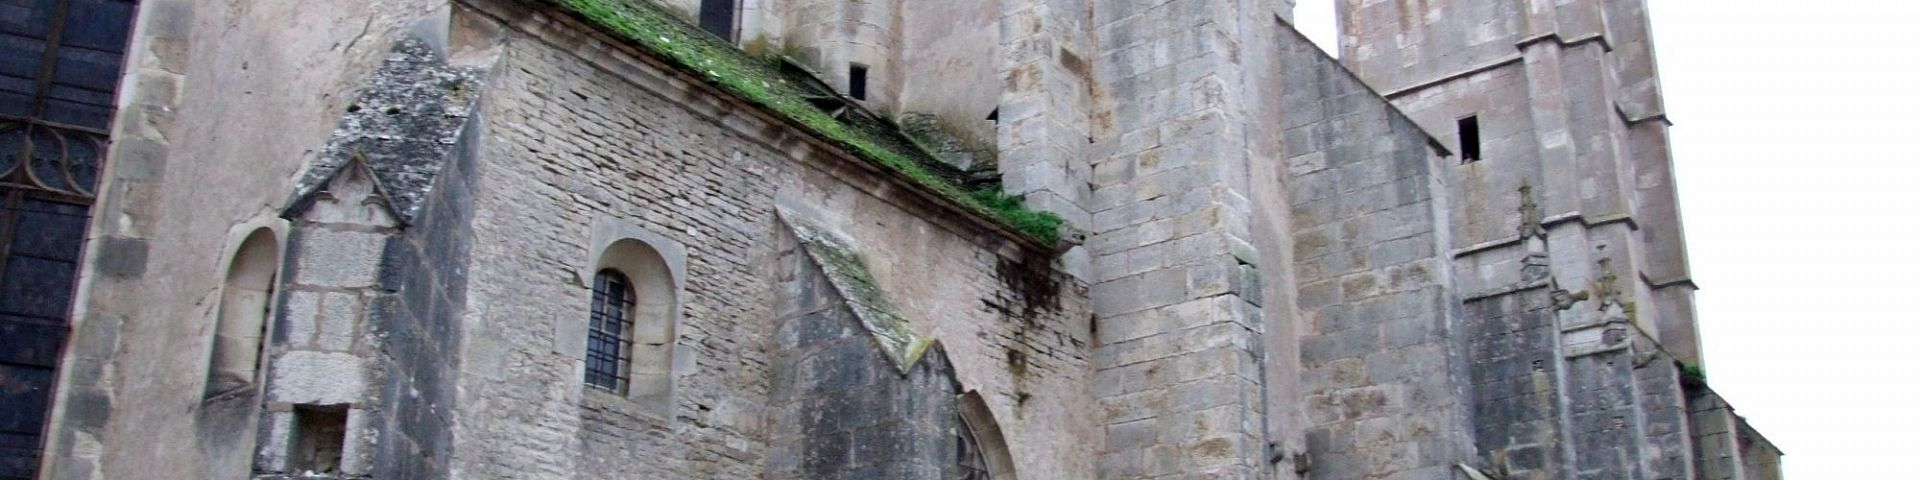 Noyers-sur-Serein - Eglise (89)